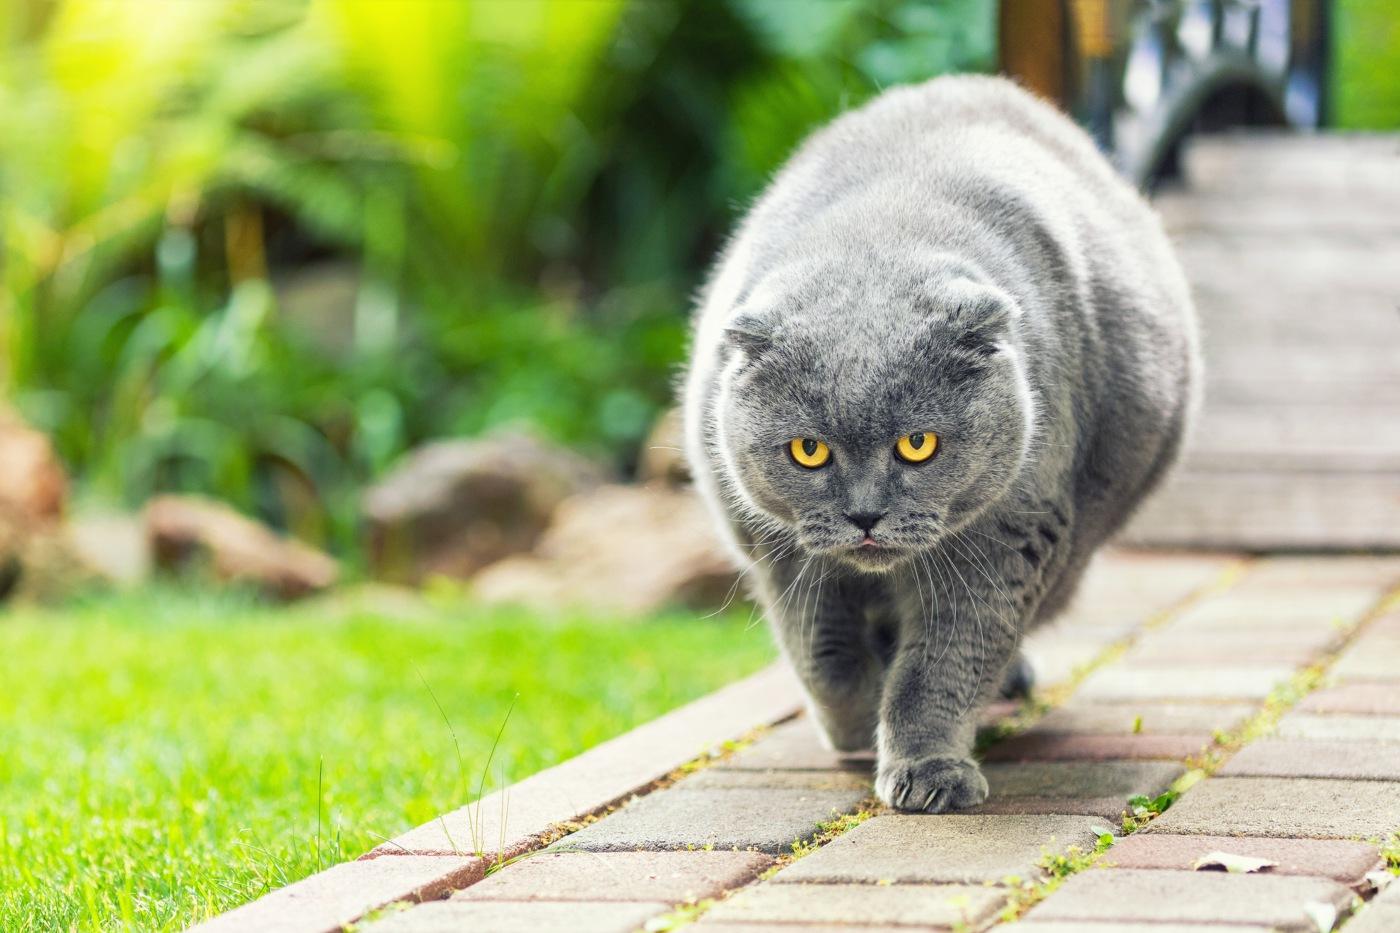 gatos obesos a caminhar